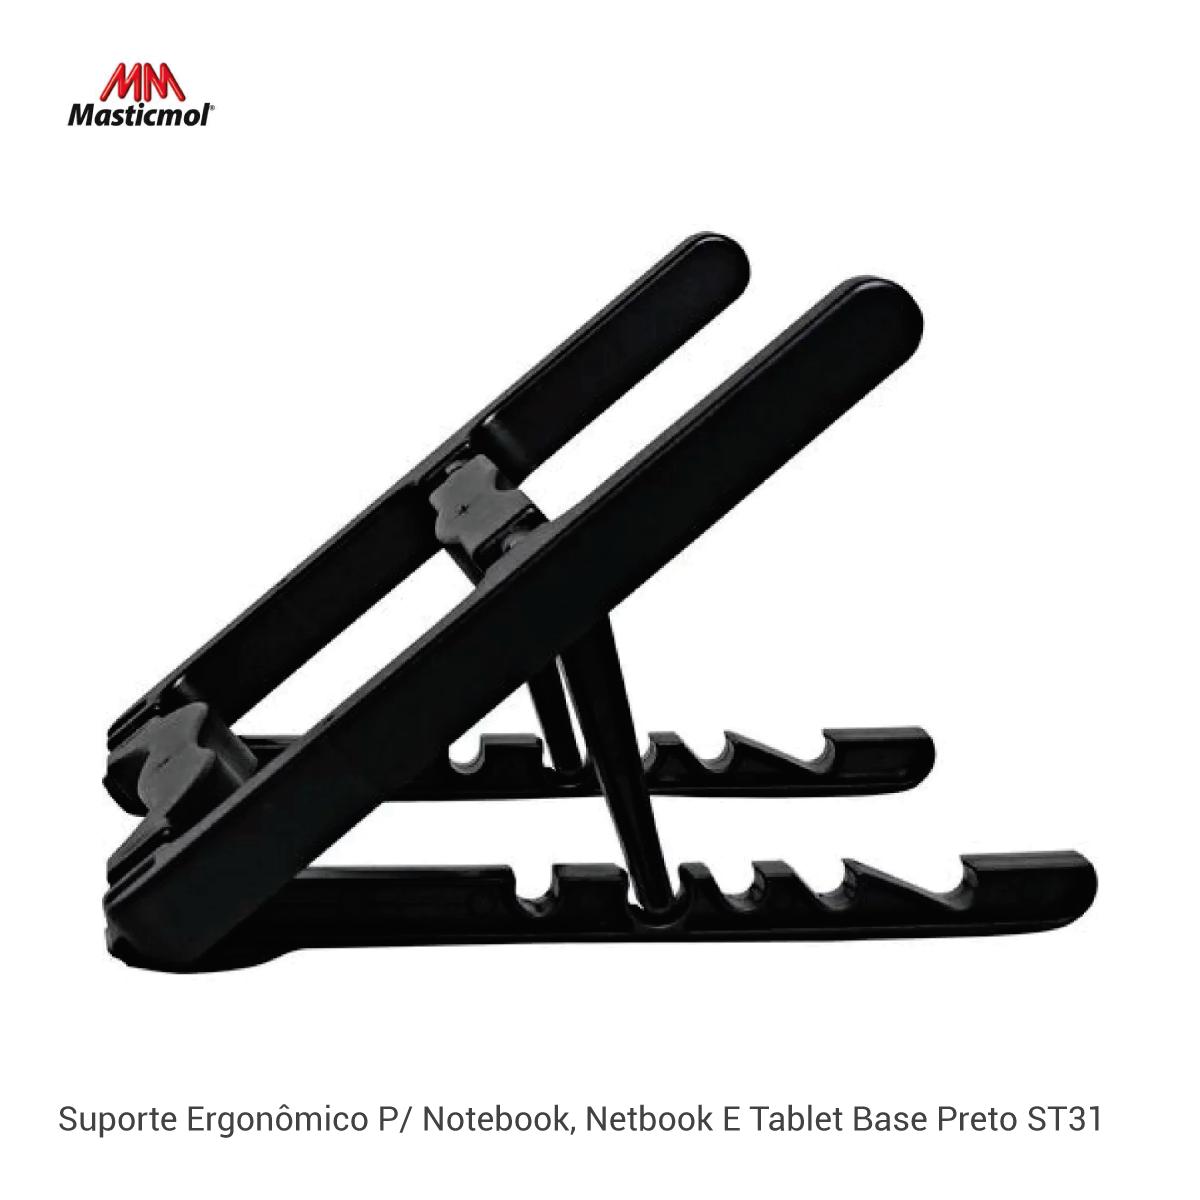 Suporte Ergonômico P/ Notebook, Netbook E Tablet Base Preto ST31  - GO AUTOMAÇÃO